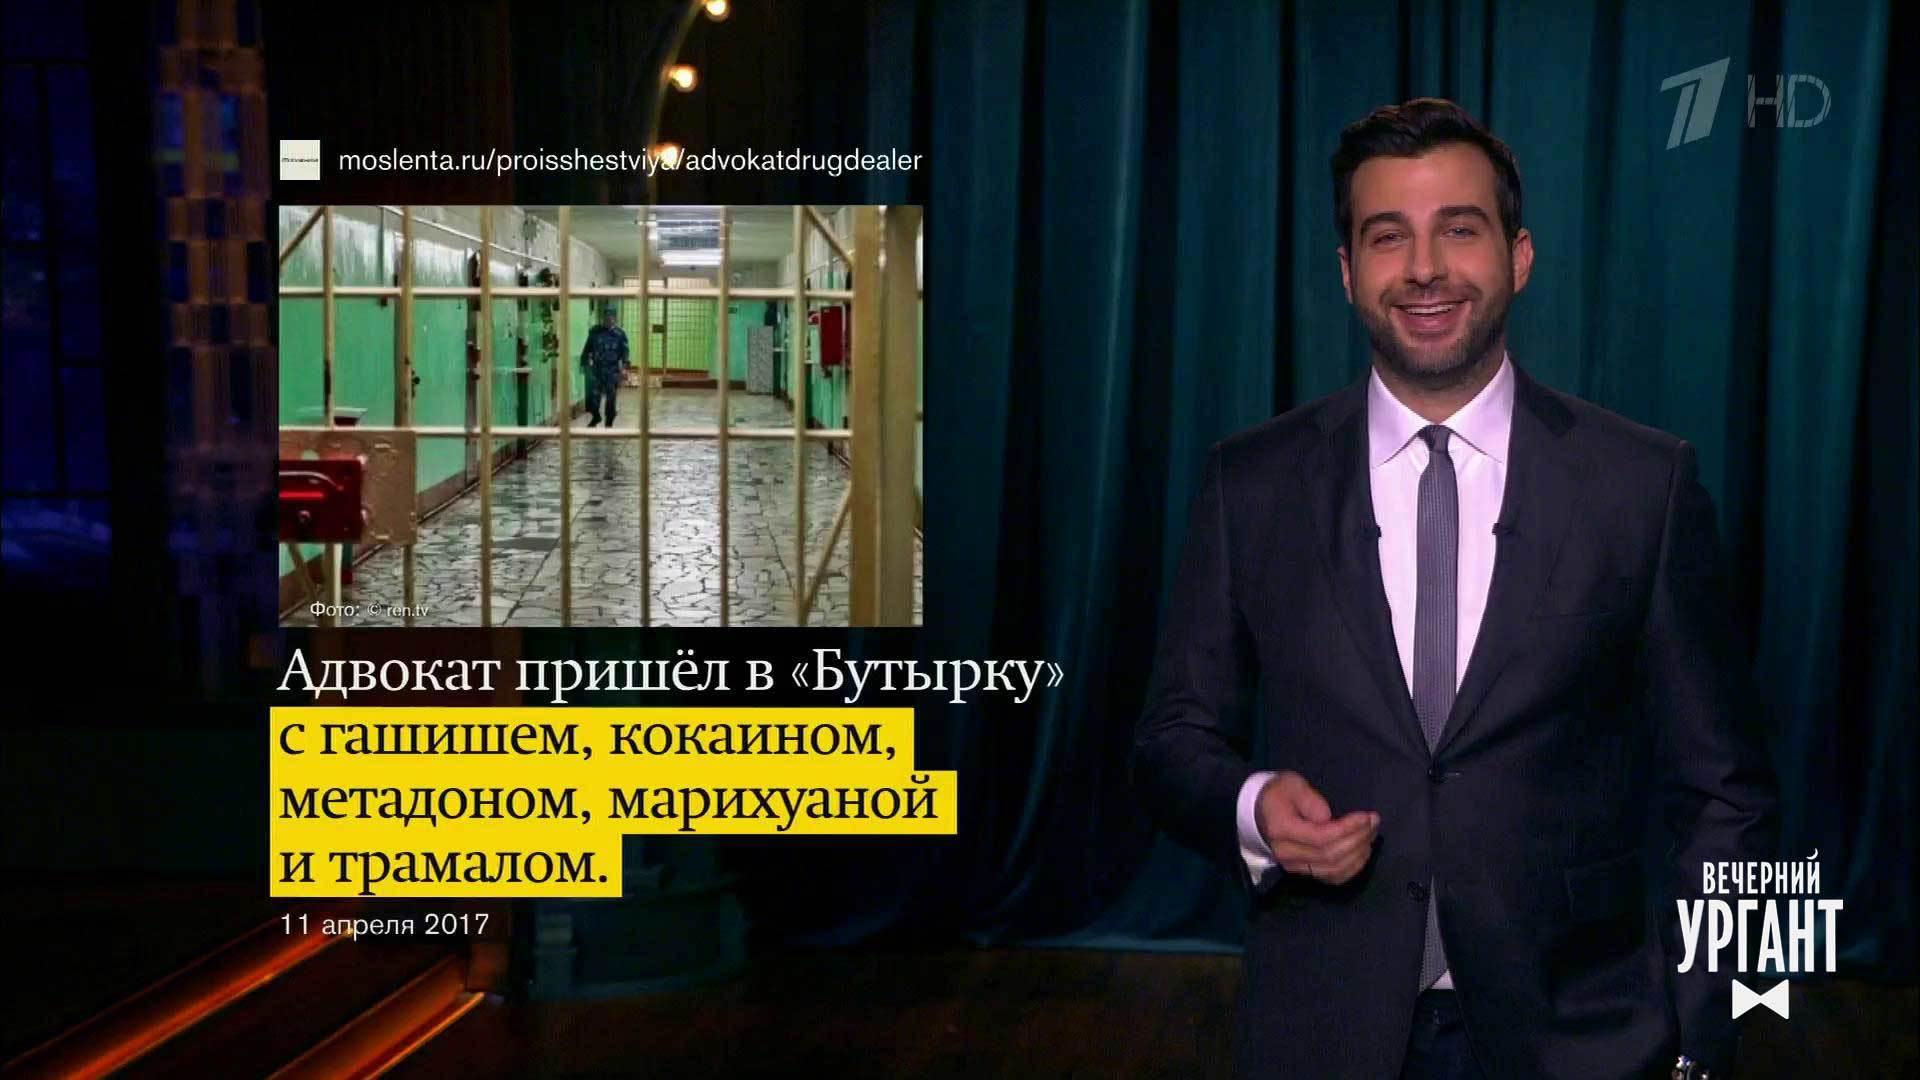 Россия москва новости о украине сегодня